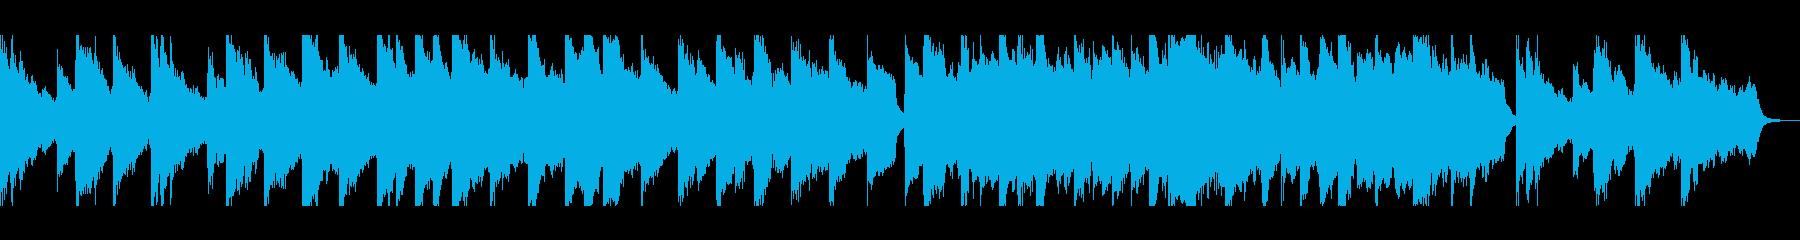 ピアノとシンセの幻想的なバラードの再生済みの波形